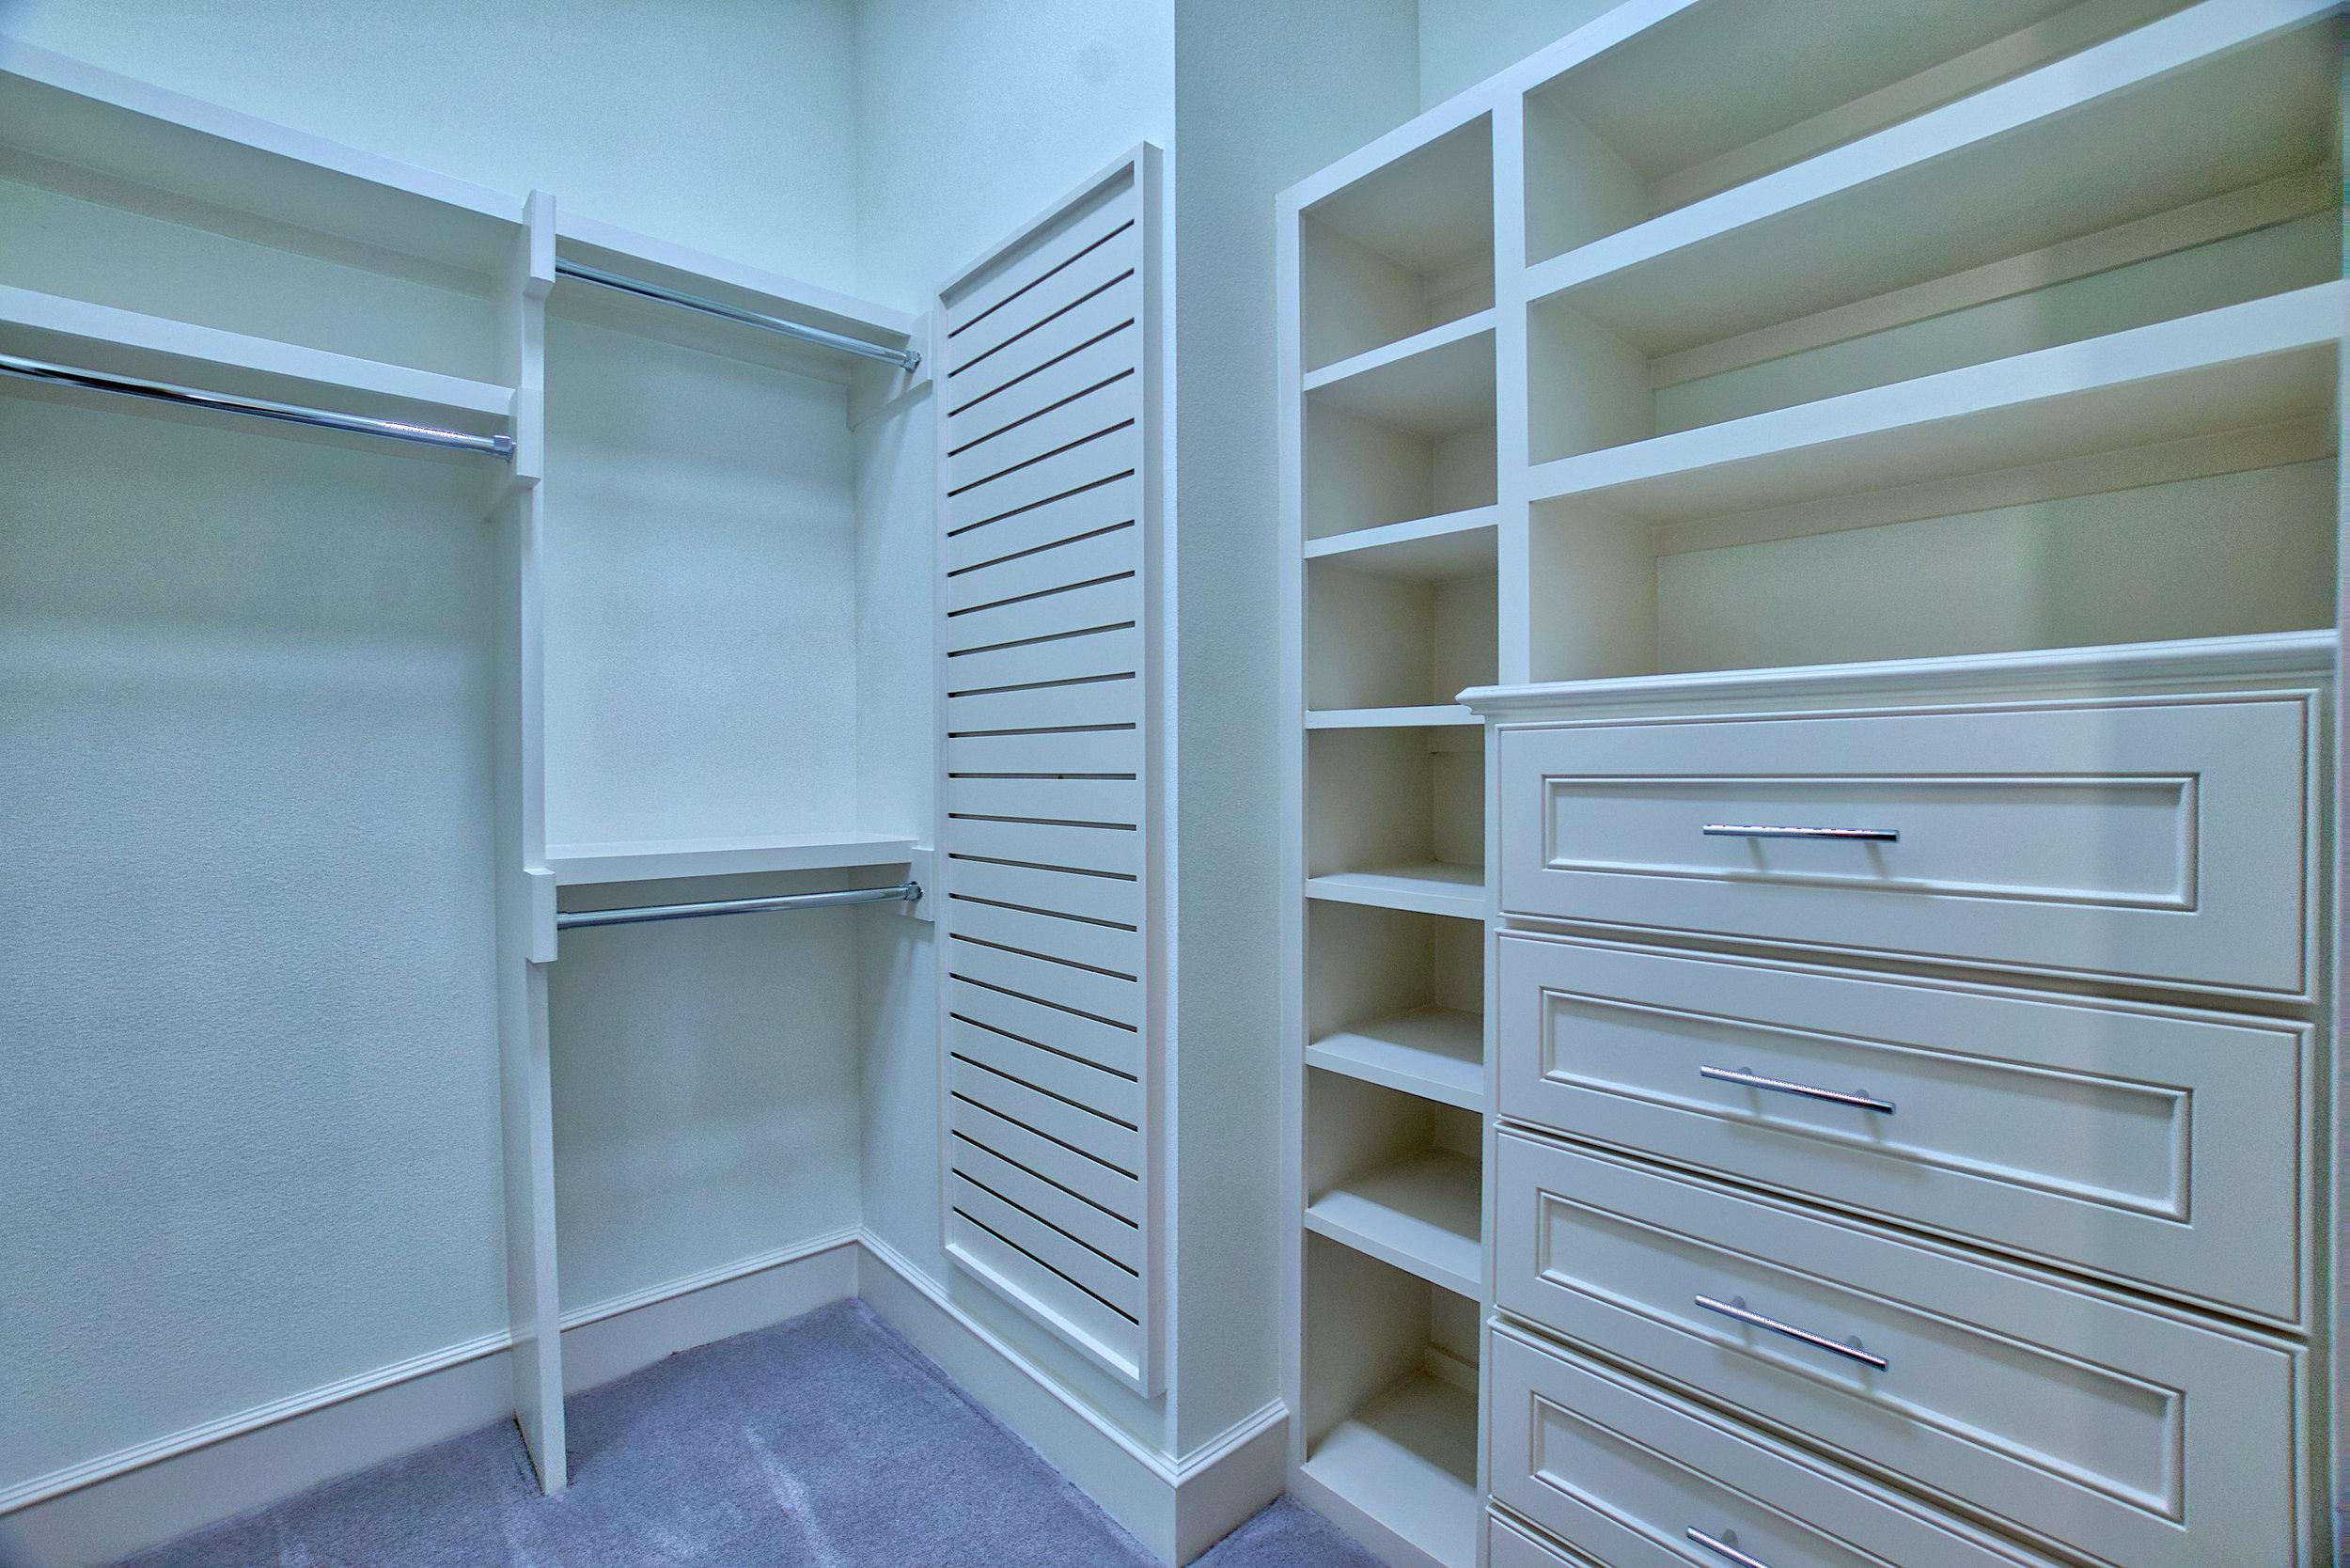 42 closet.jpeg